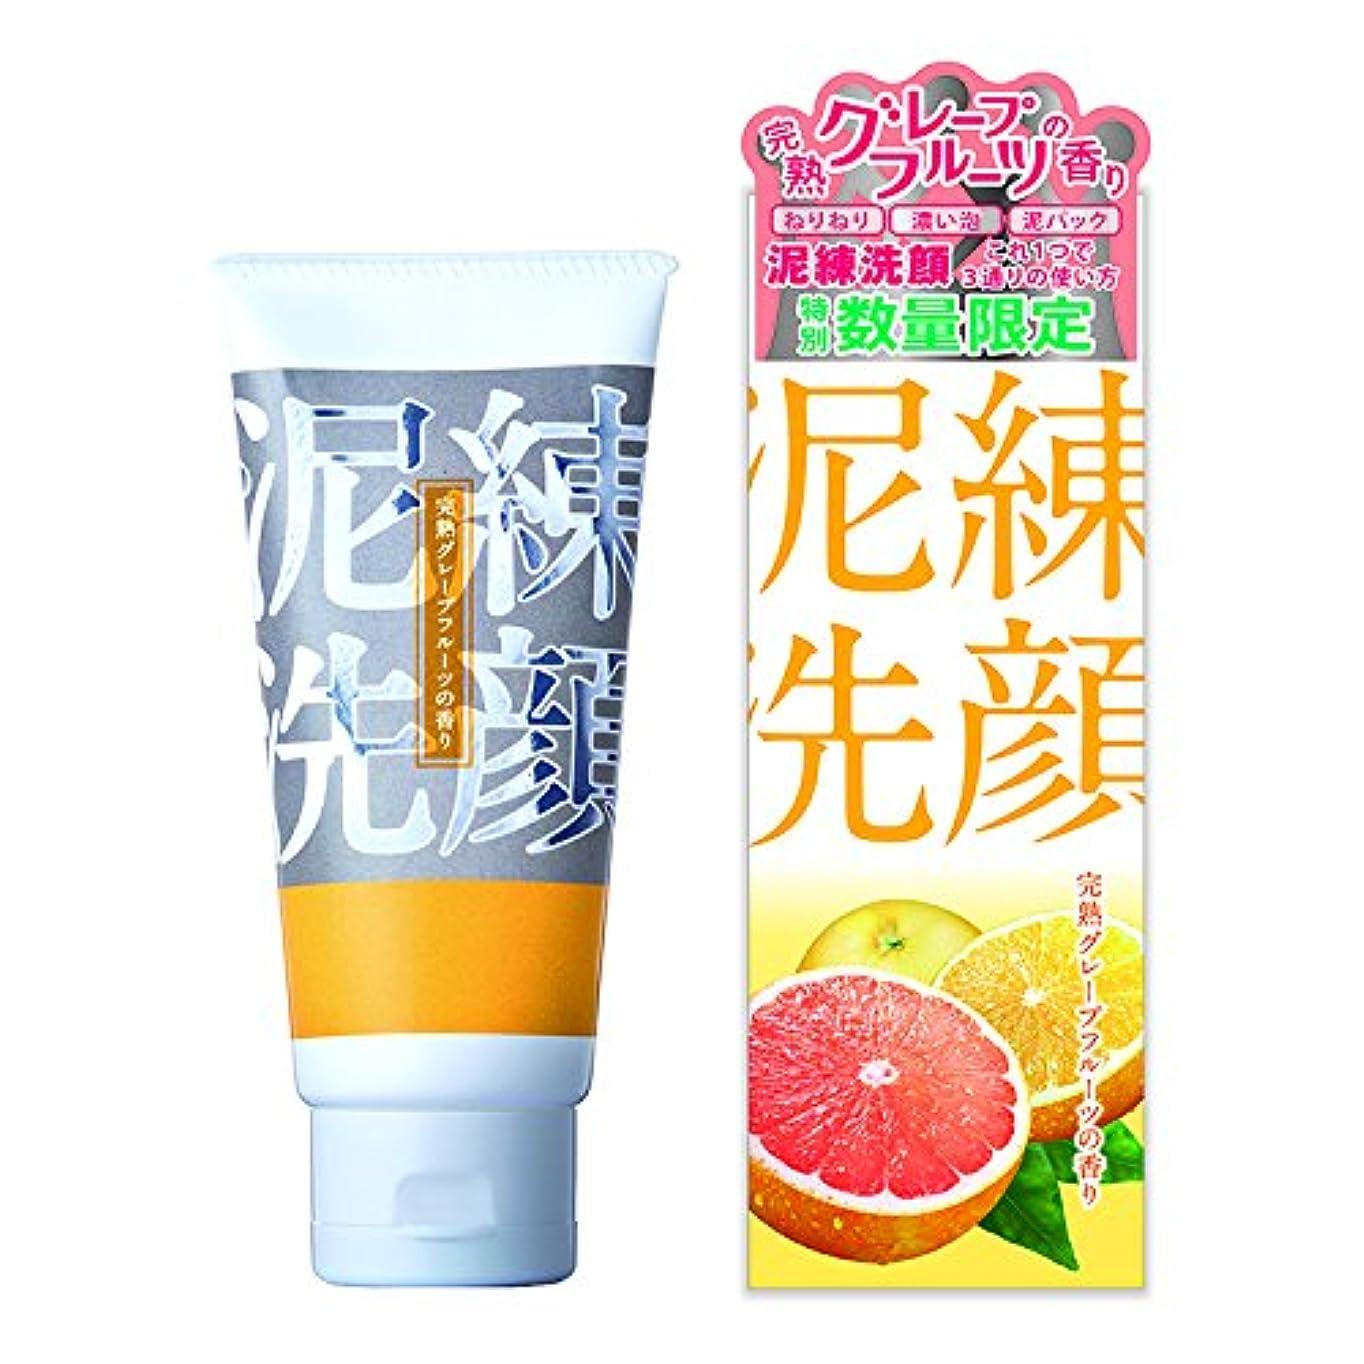 ひも打ち負かす建てる泥練洗顔 完熟グレープフルーツの香り 120g【泥 洗顔 6種の泥で 黒ずみ 毛穴 洗浄 3つの使い方】